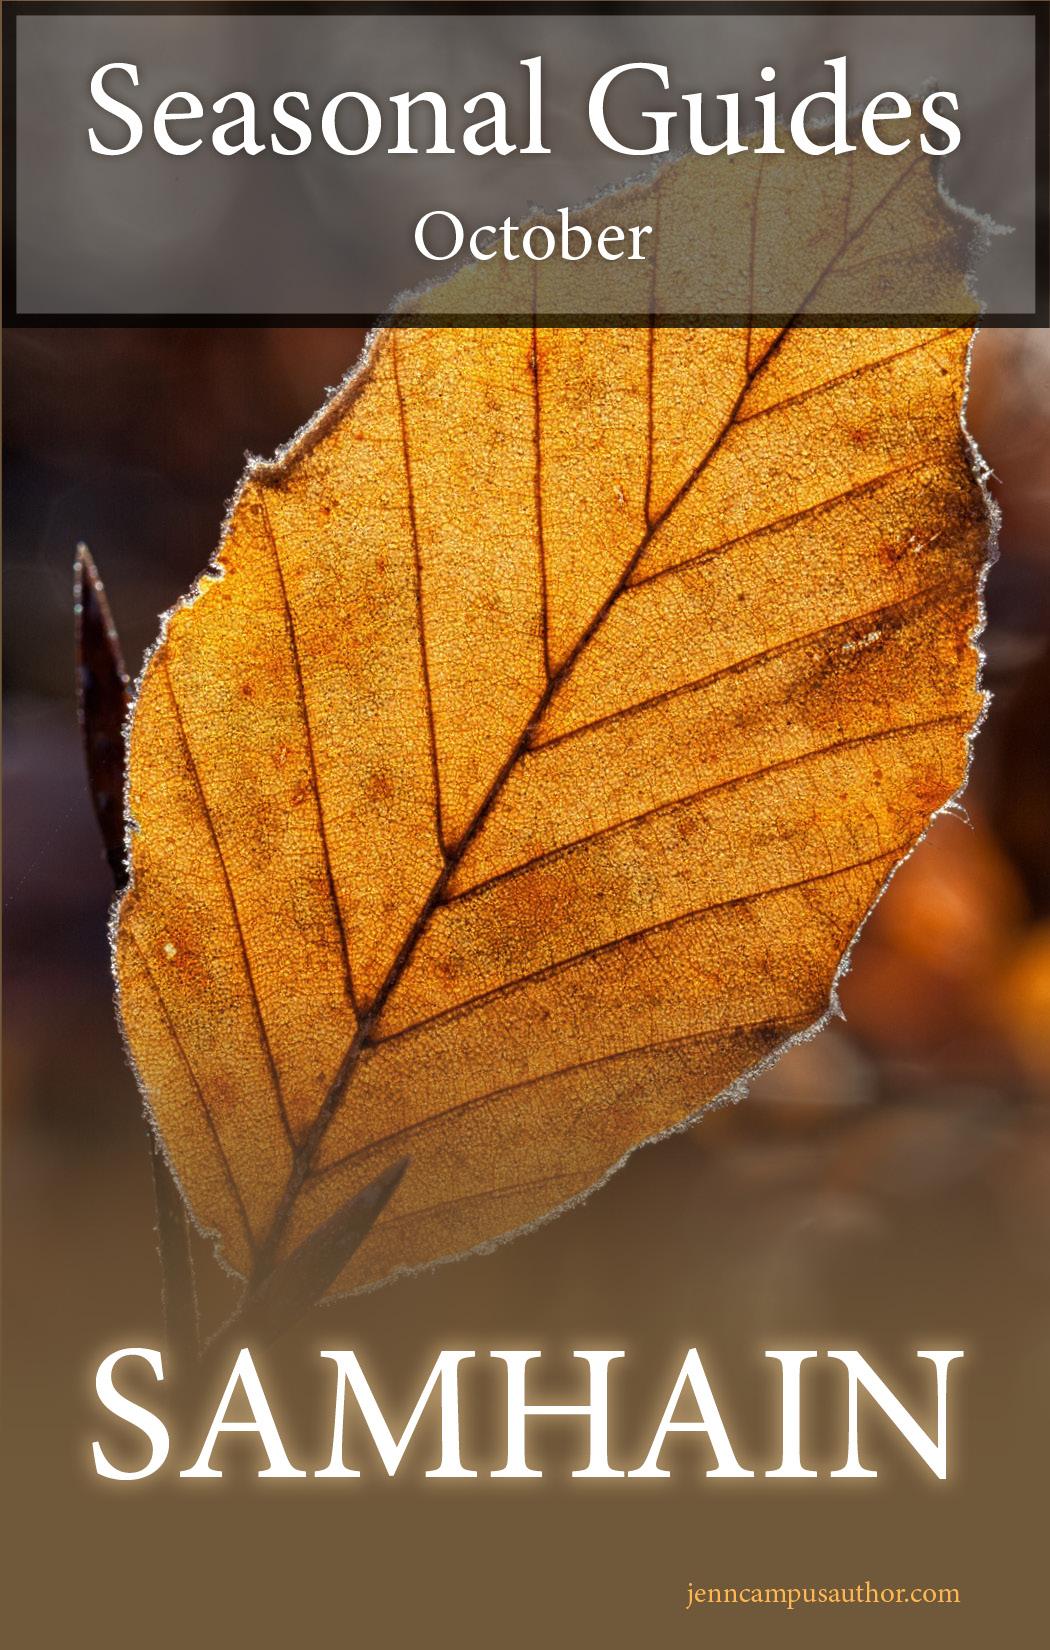 October Seasonal Guide